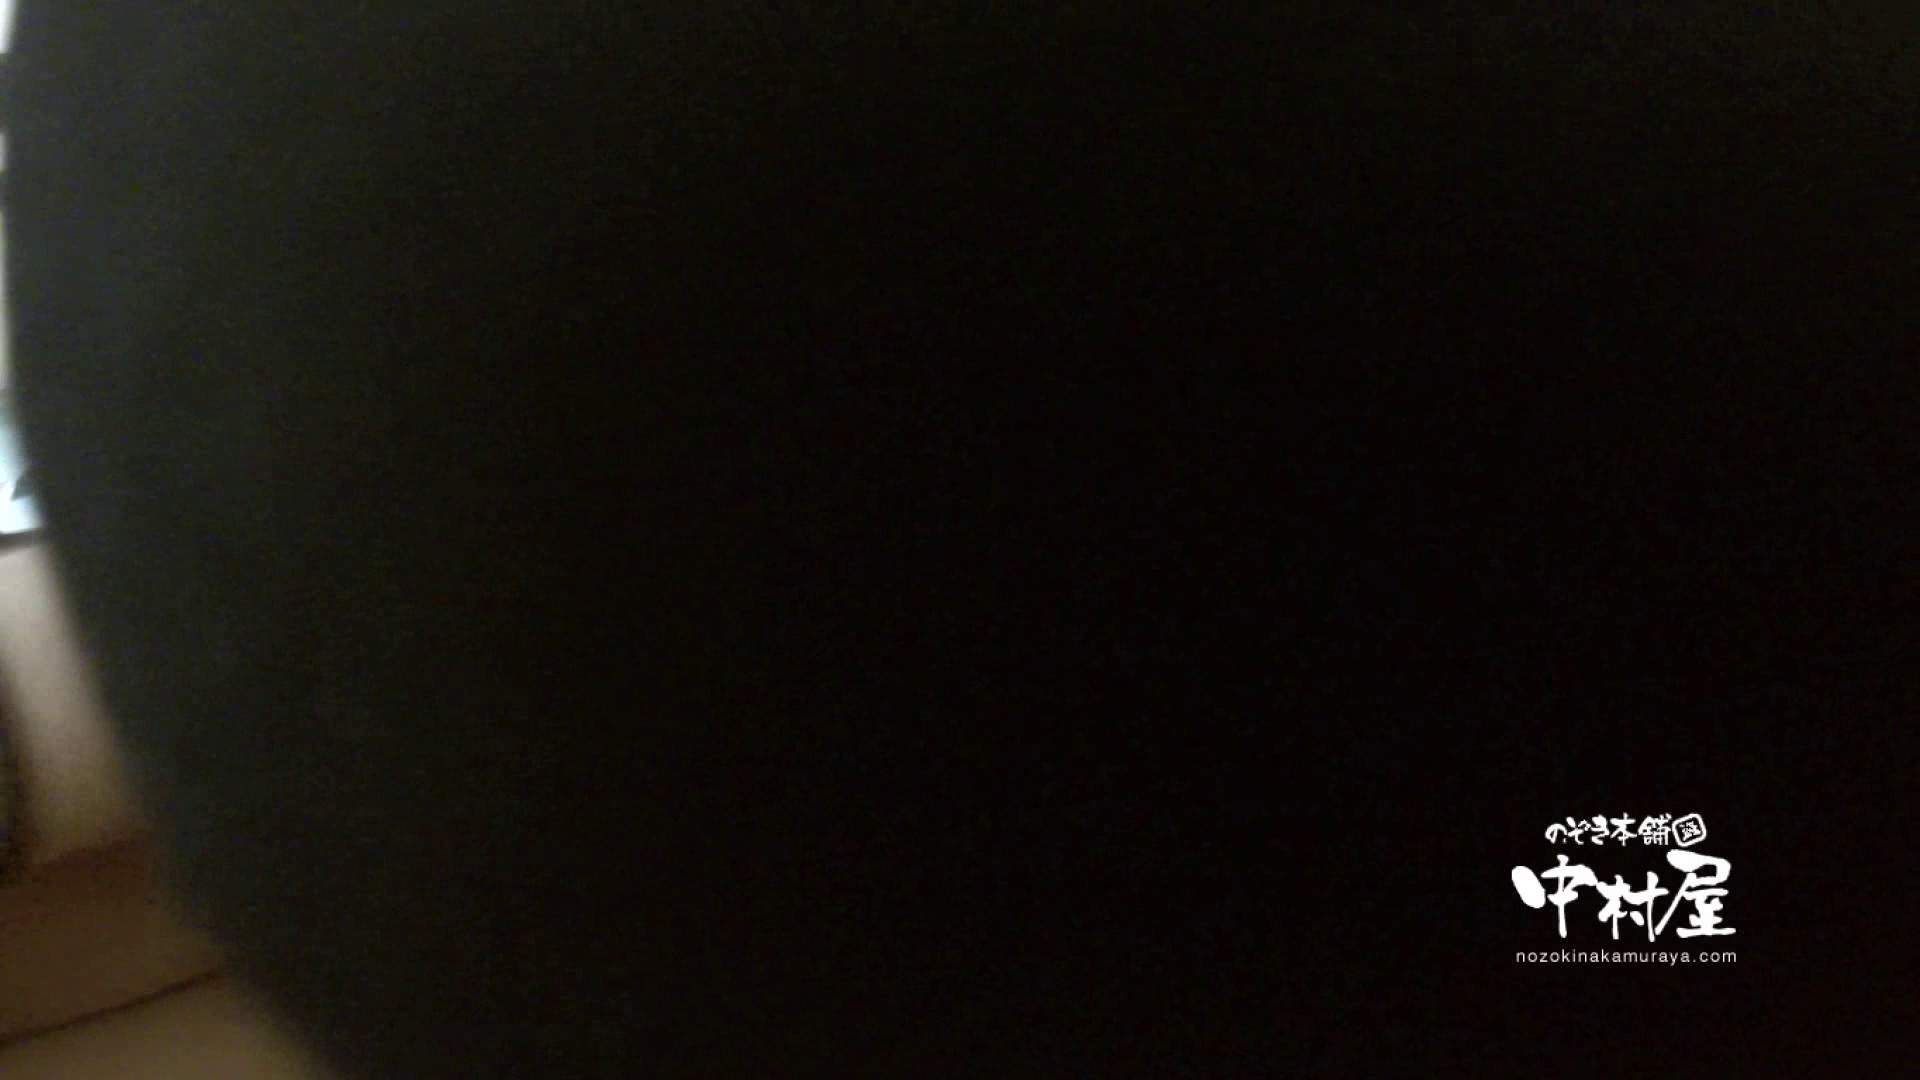 鬼畜 vol.15 ハスキーボイスで感じてんじゃねーよ! 後編 エッチなセックス オマンコ無修正動画無料 60画像 26